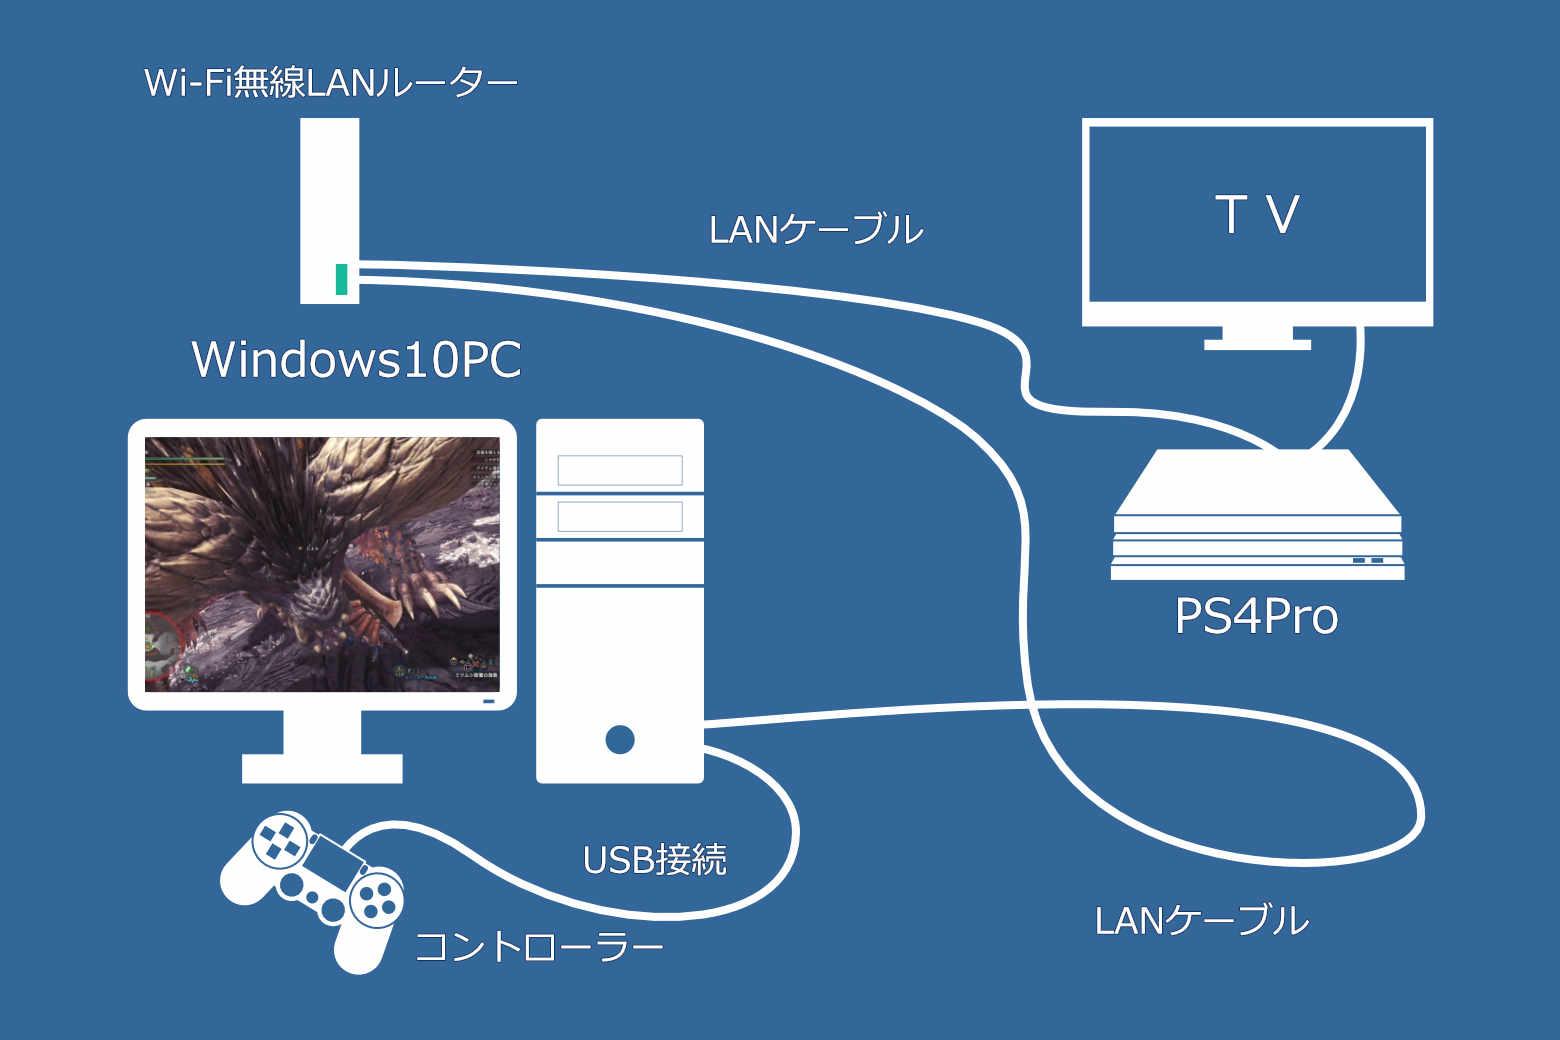 Windows10 PS4Pro リモートプレイ